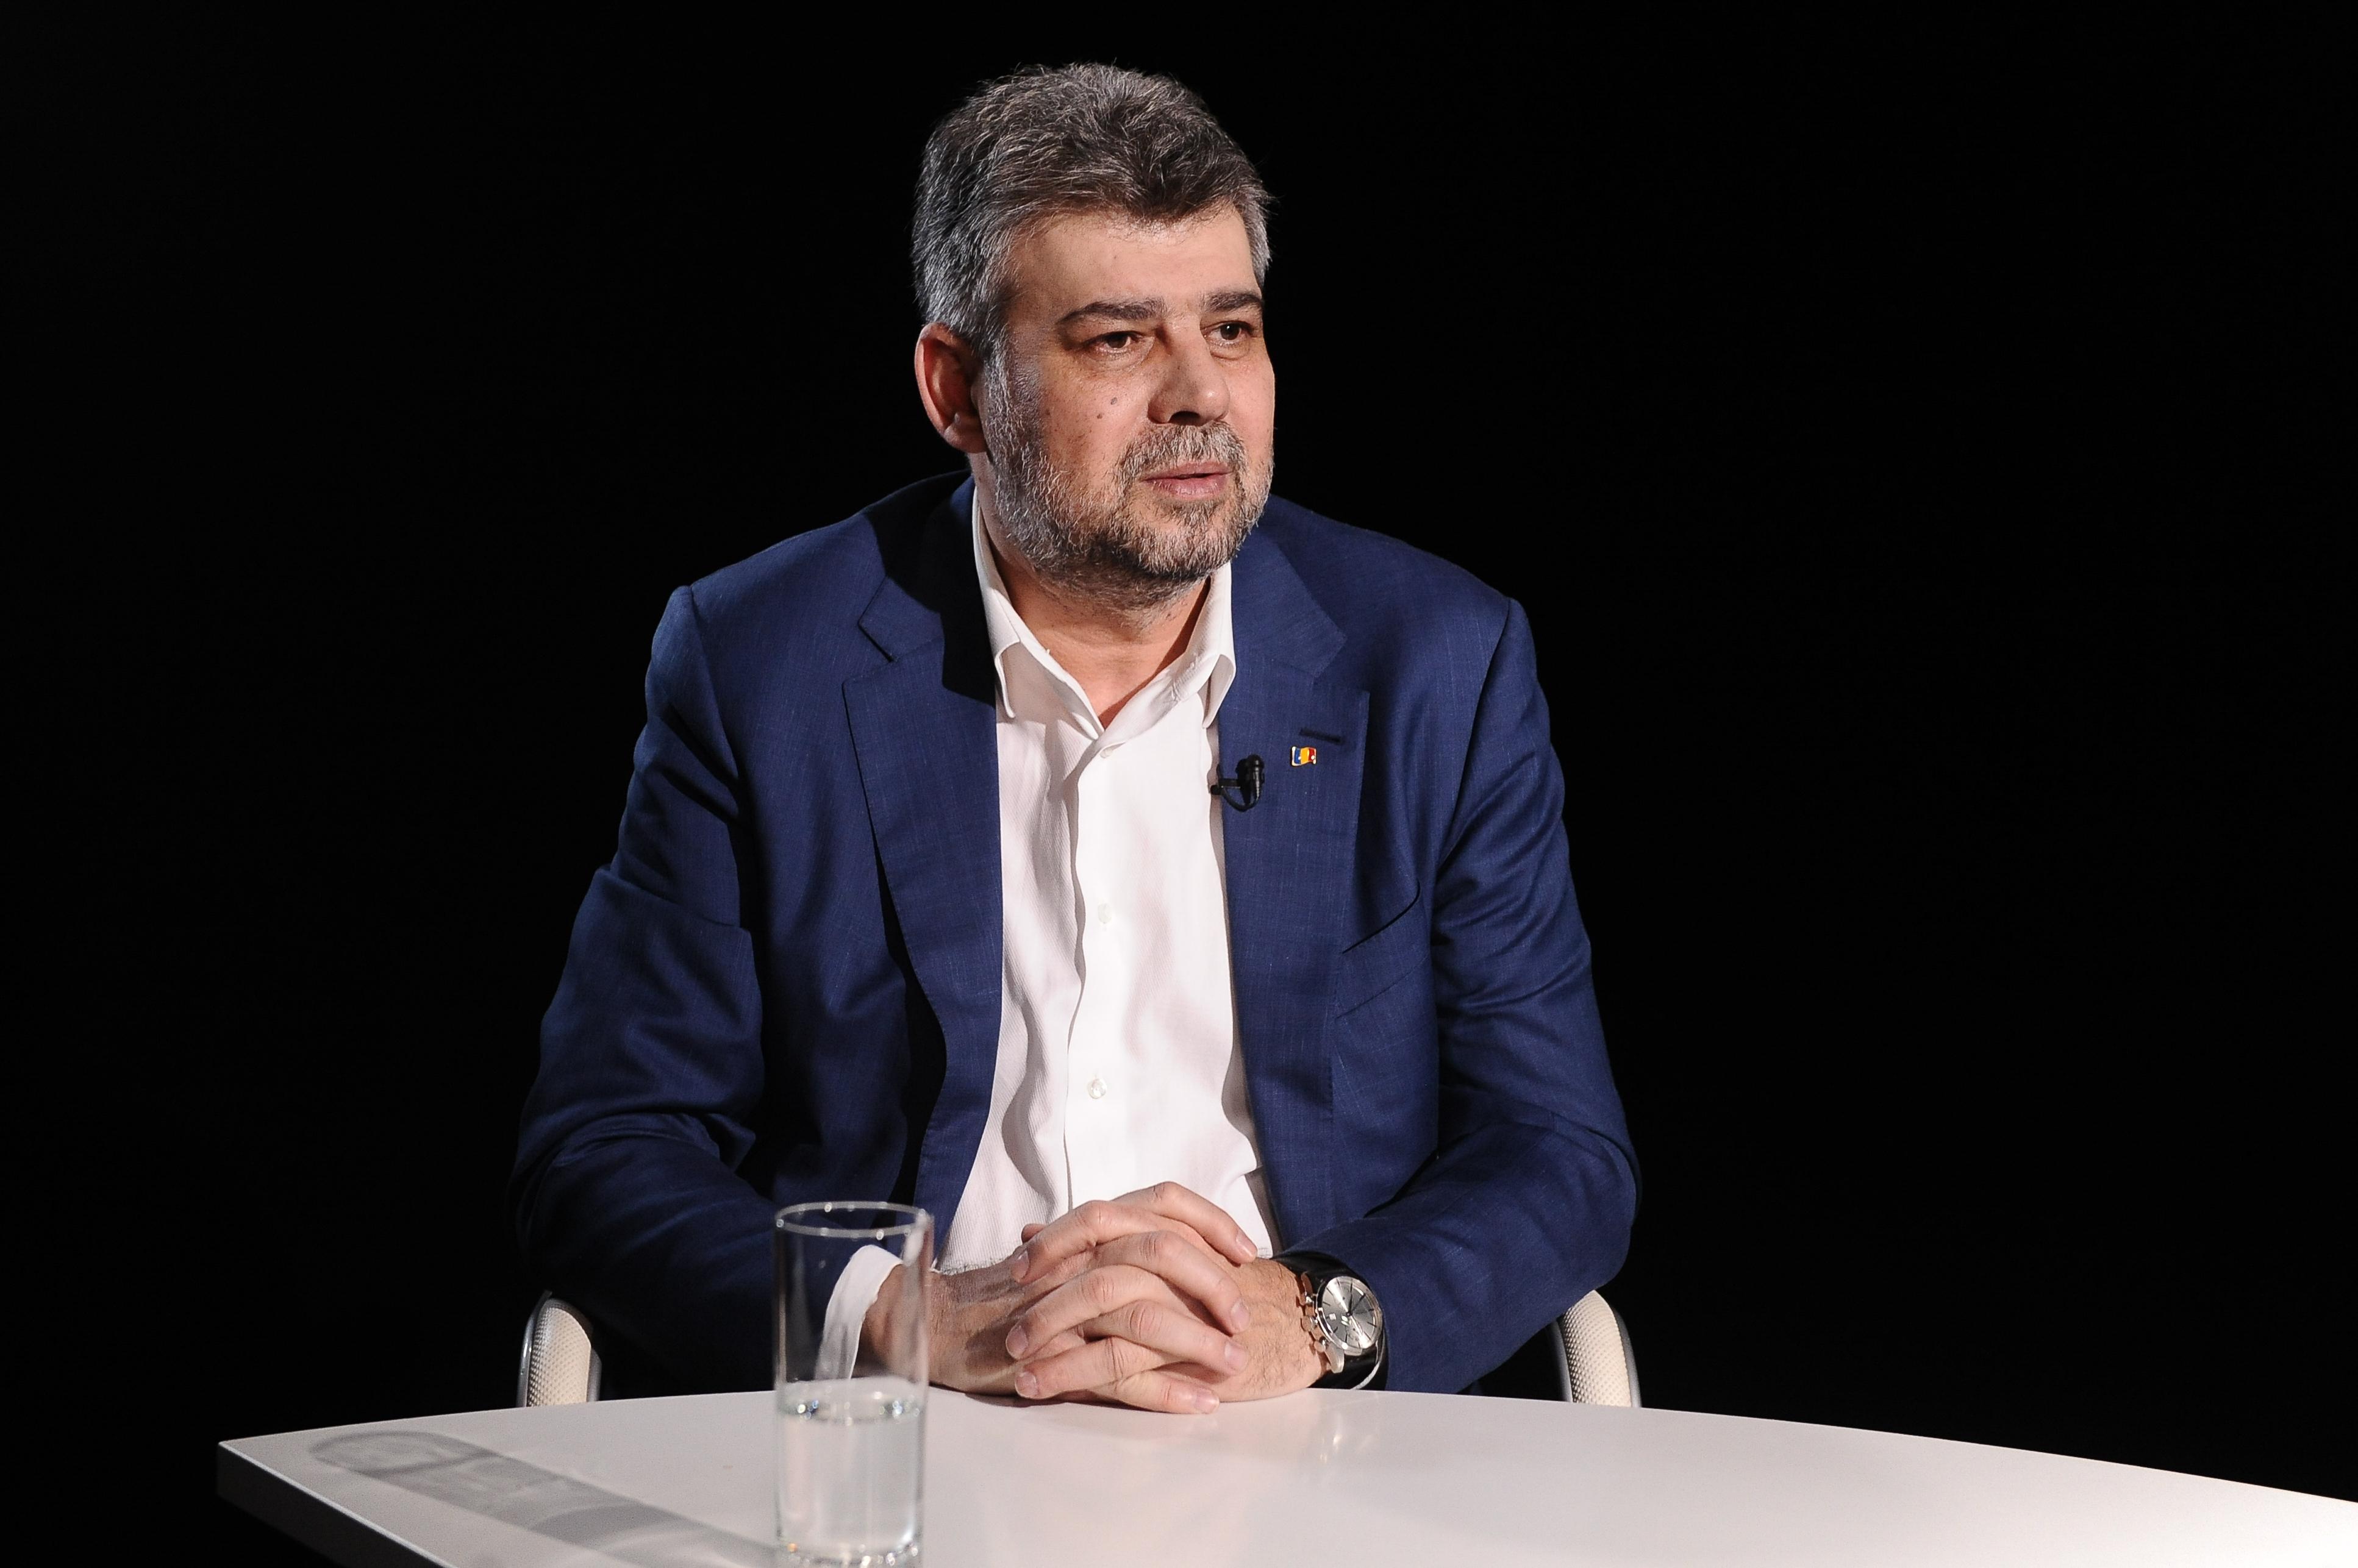 """Exclusiv, la Gândurile lui Cristoiu   Ciolacu sesizează CCR după ce Iohannis l-a propus din nou pe Orban premier. """"A ales o variantă prelungită de criză""""/ Cum joacă PSD la învestirea Guvernului Orban II"""